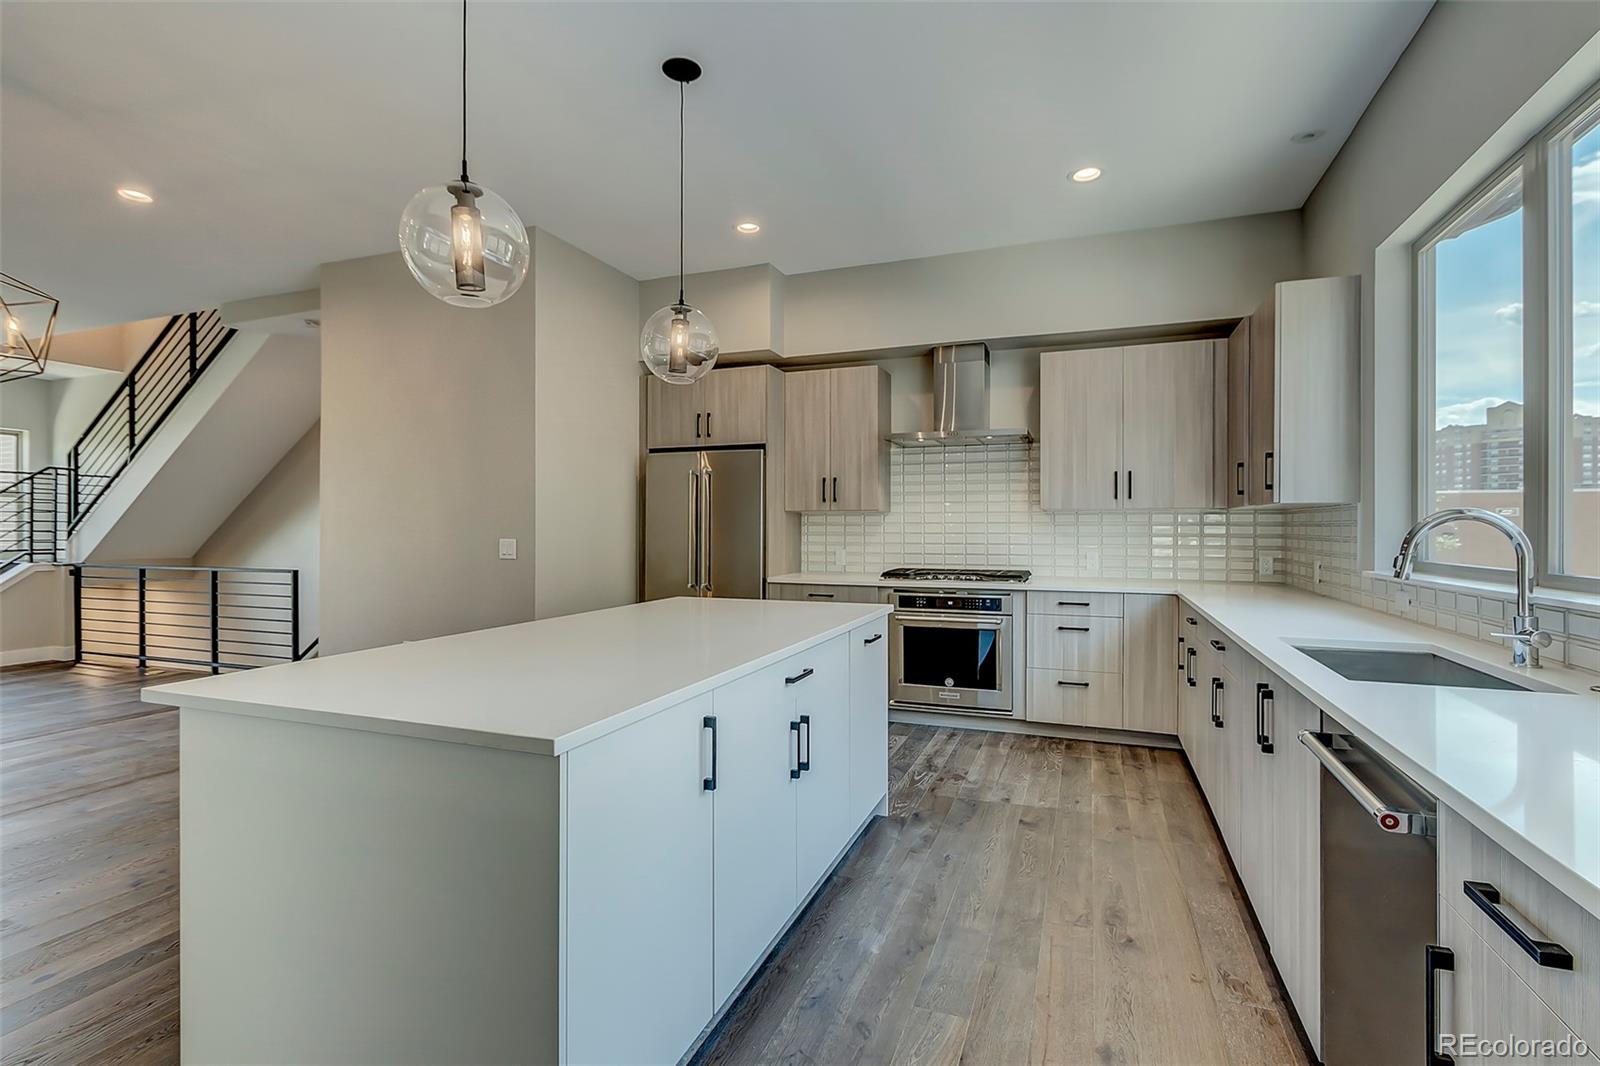 5010 S Platte River Parkway, Littleton, CO 80123 - Littleton, CO real estate listing